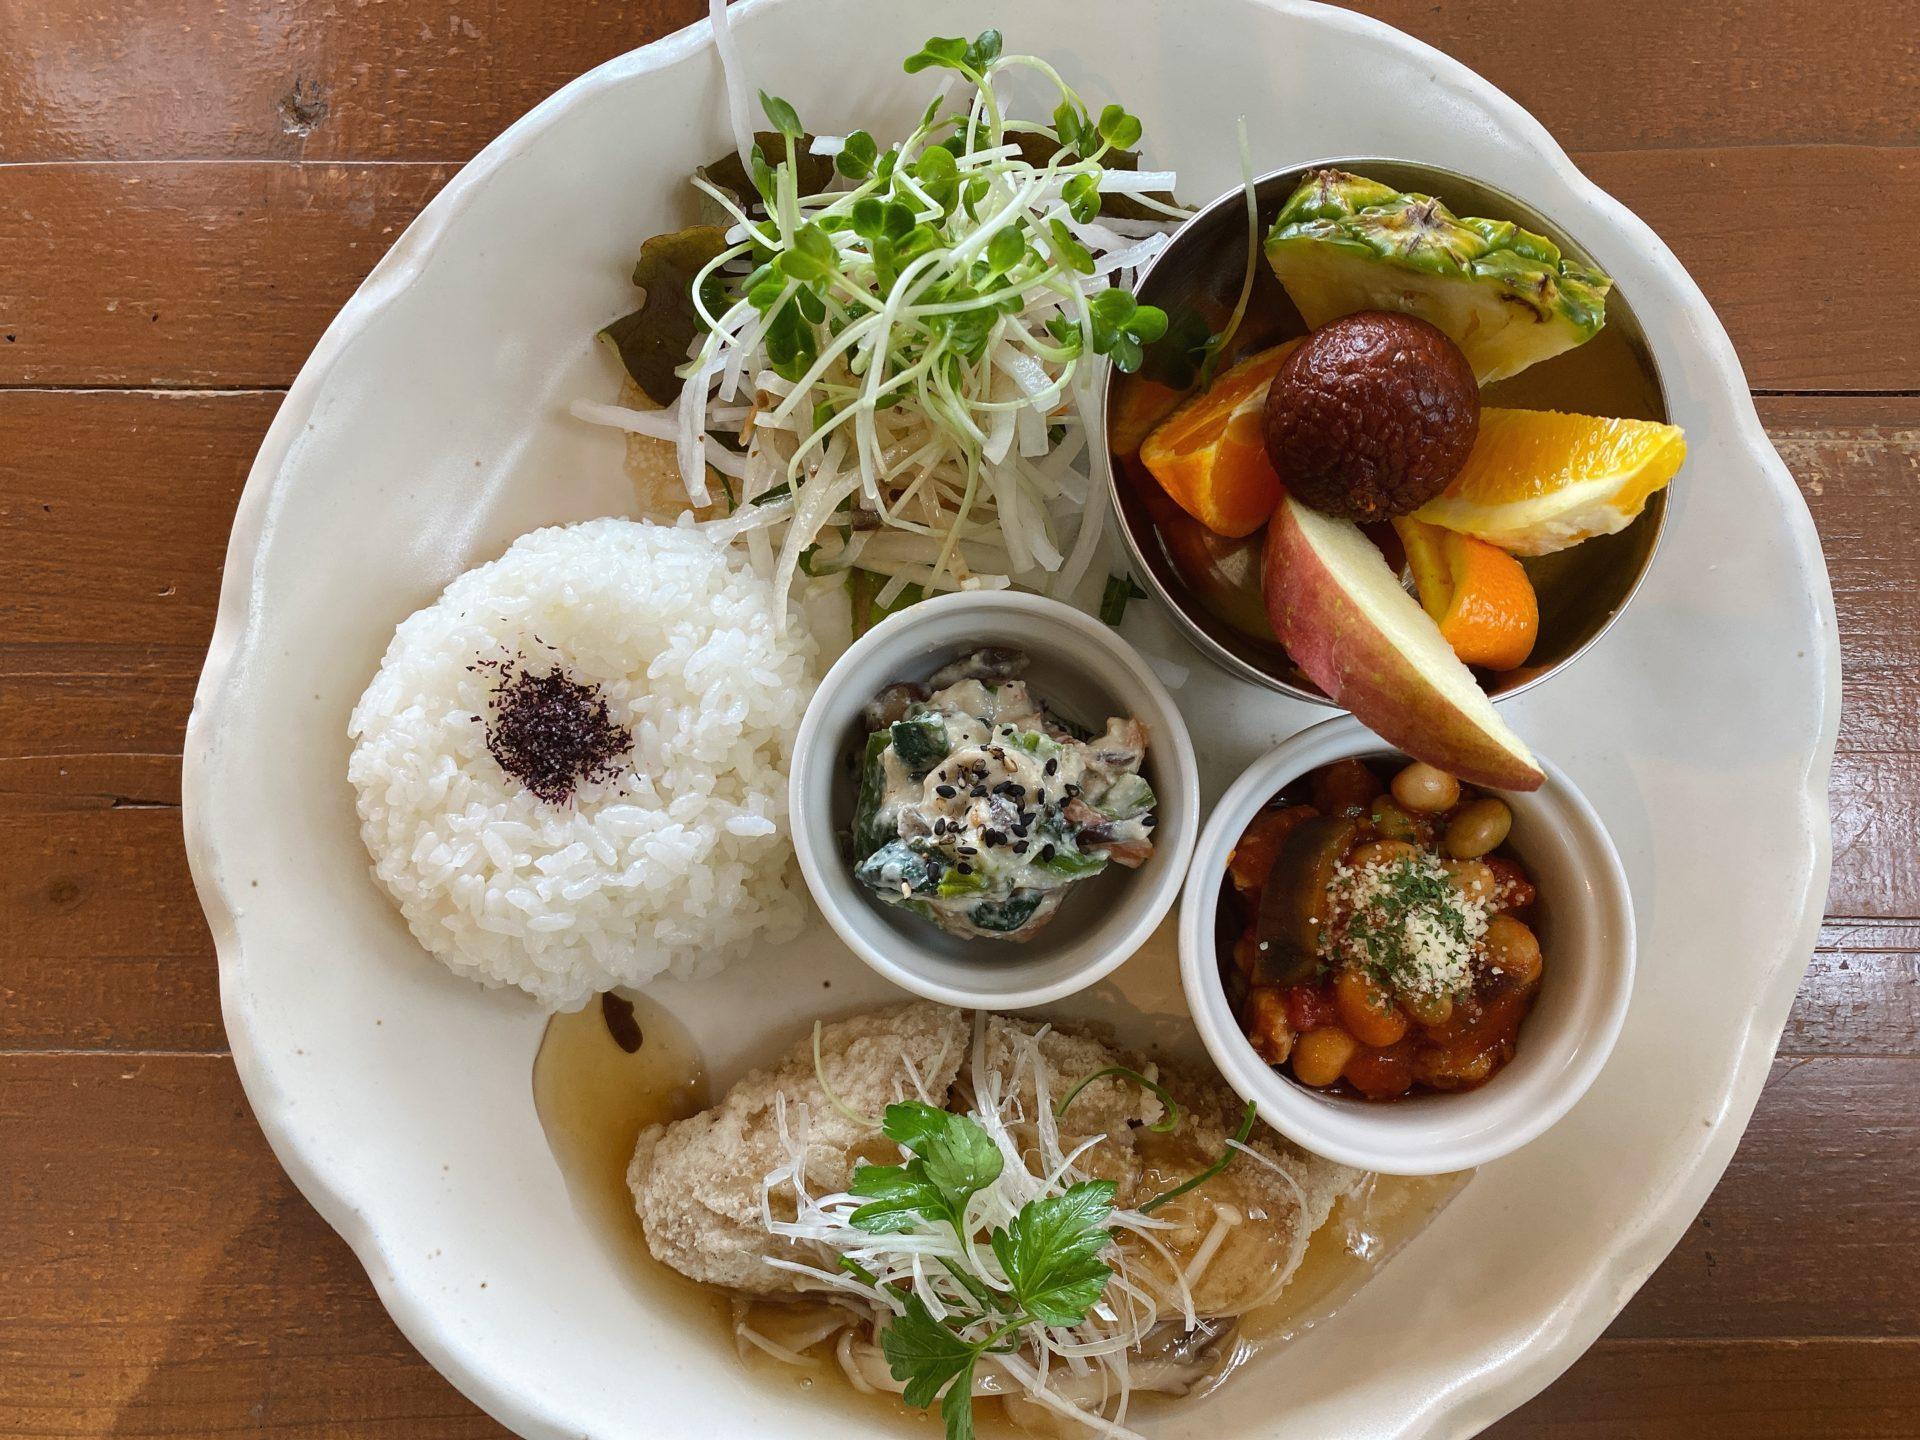 玉野市後閑のPARADISE CAFE NALU(パラダイスカフェ ナルー)で海を見ながらゆったりランチ!デザートやドリンクもついて1000円はコスパもいい!